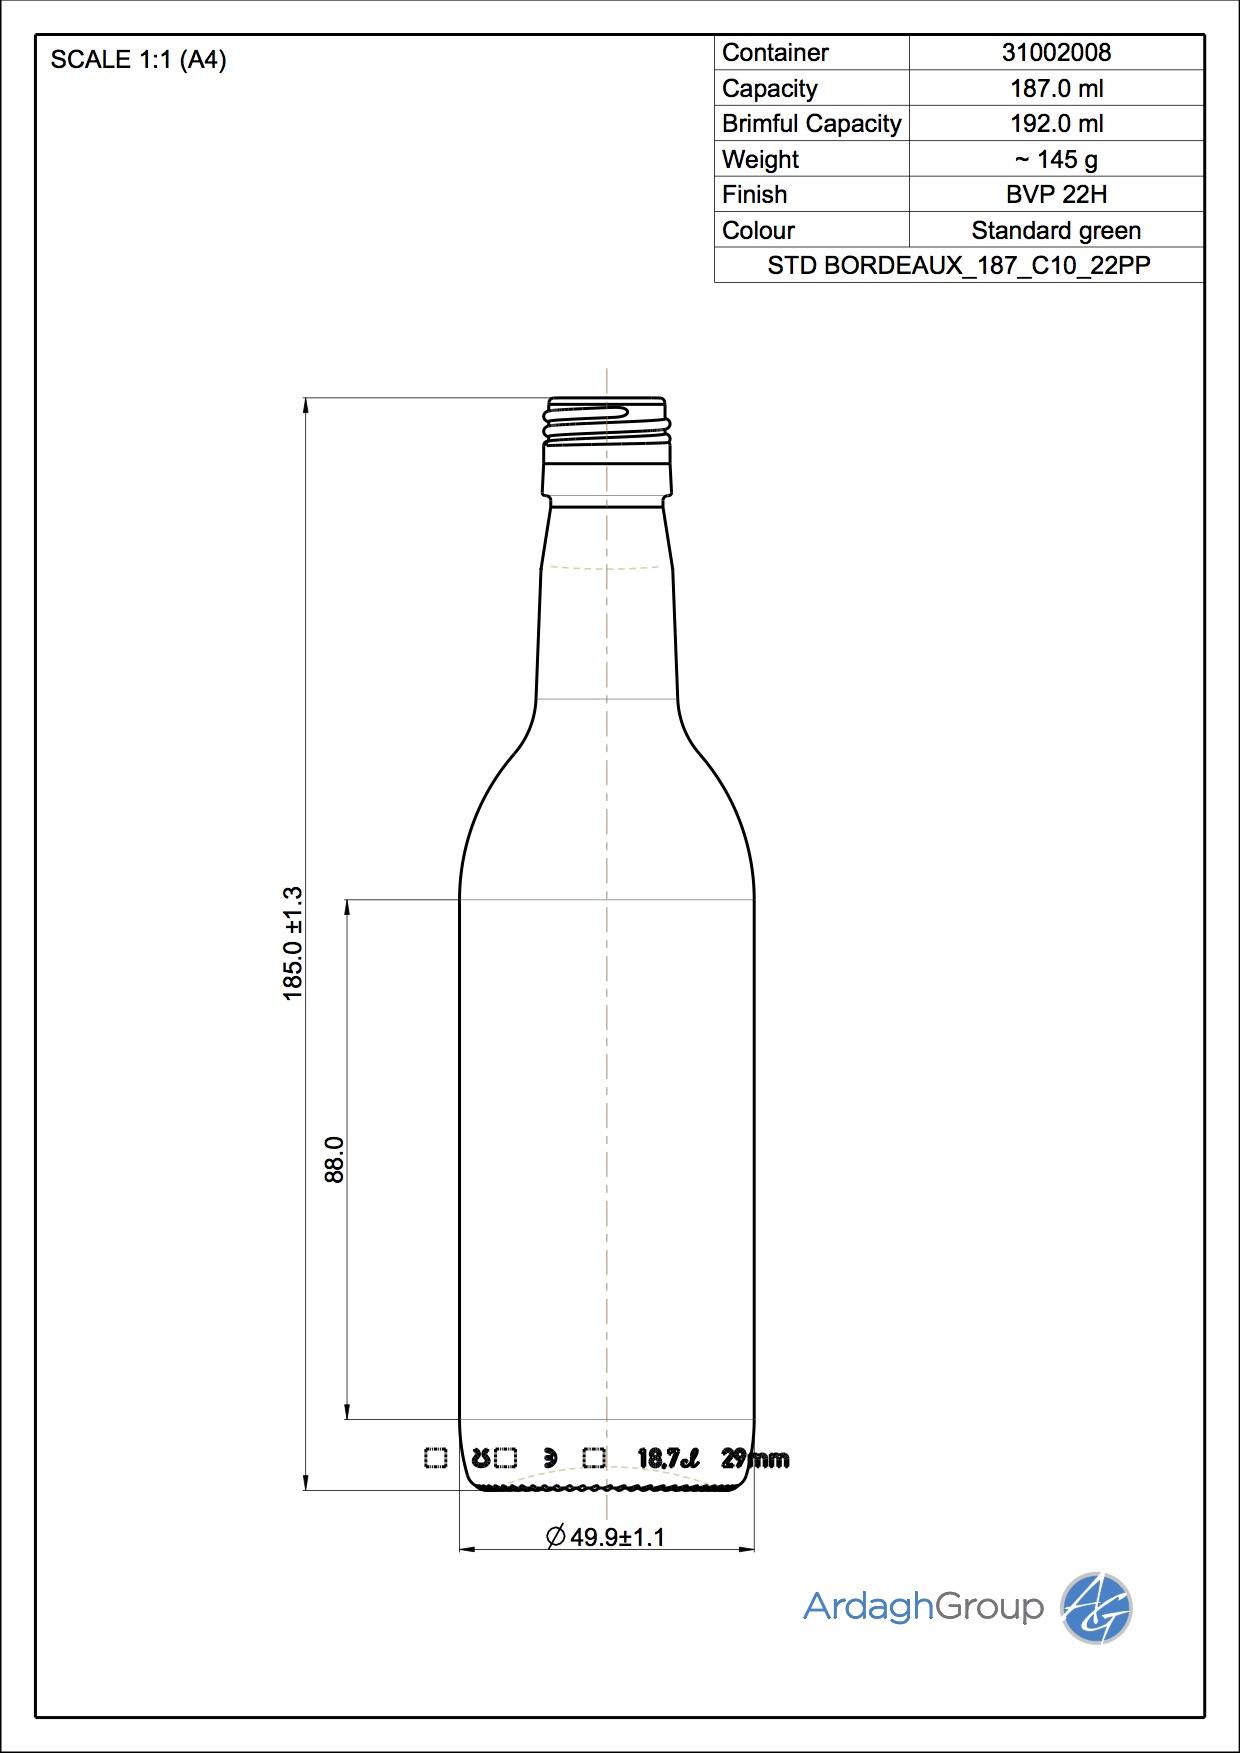 187ml green glass Bordeaux oneway wine bottle